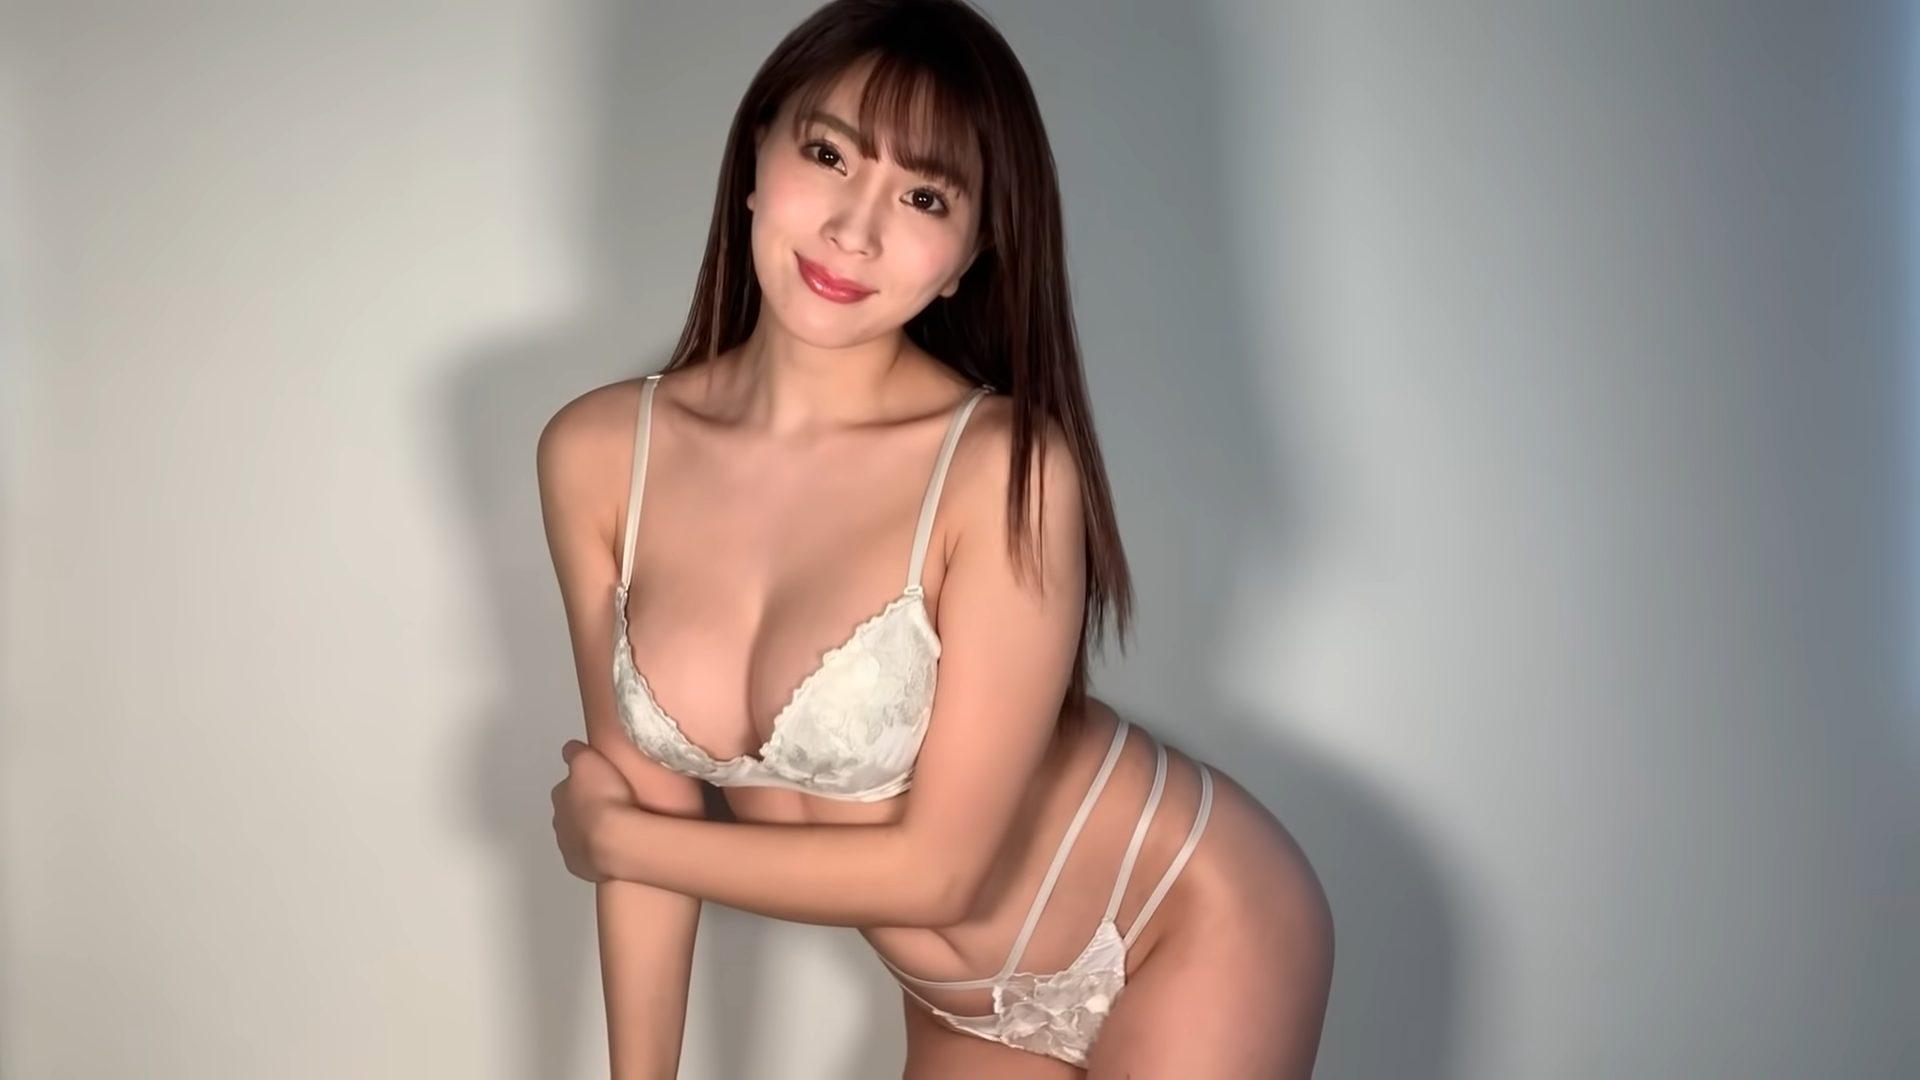 【森咲智美】Gカップ25 普段着ている下着を紹介!下着姿を披露!